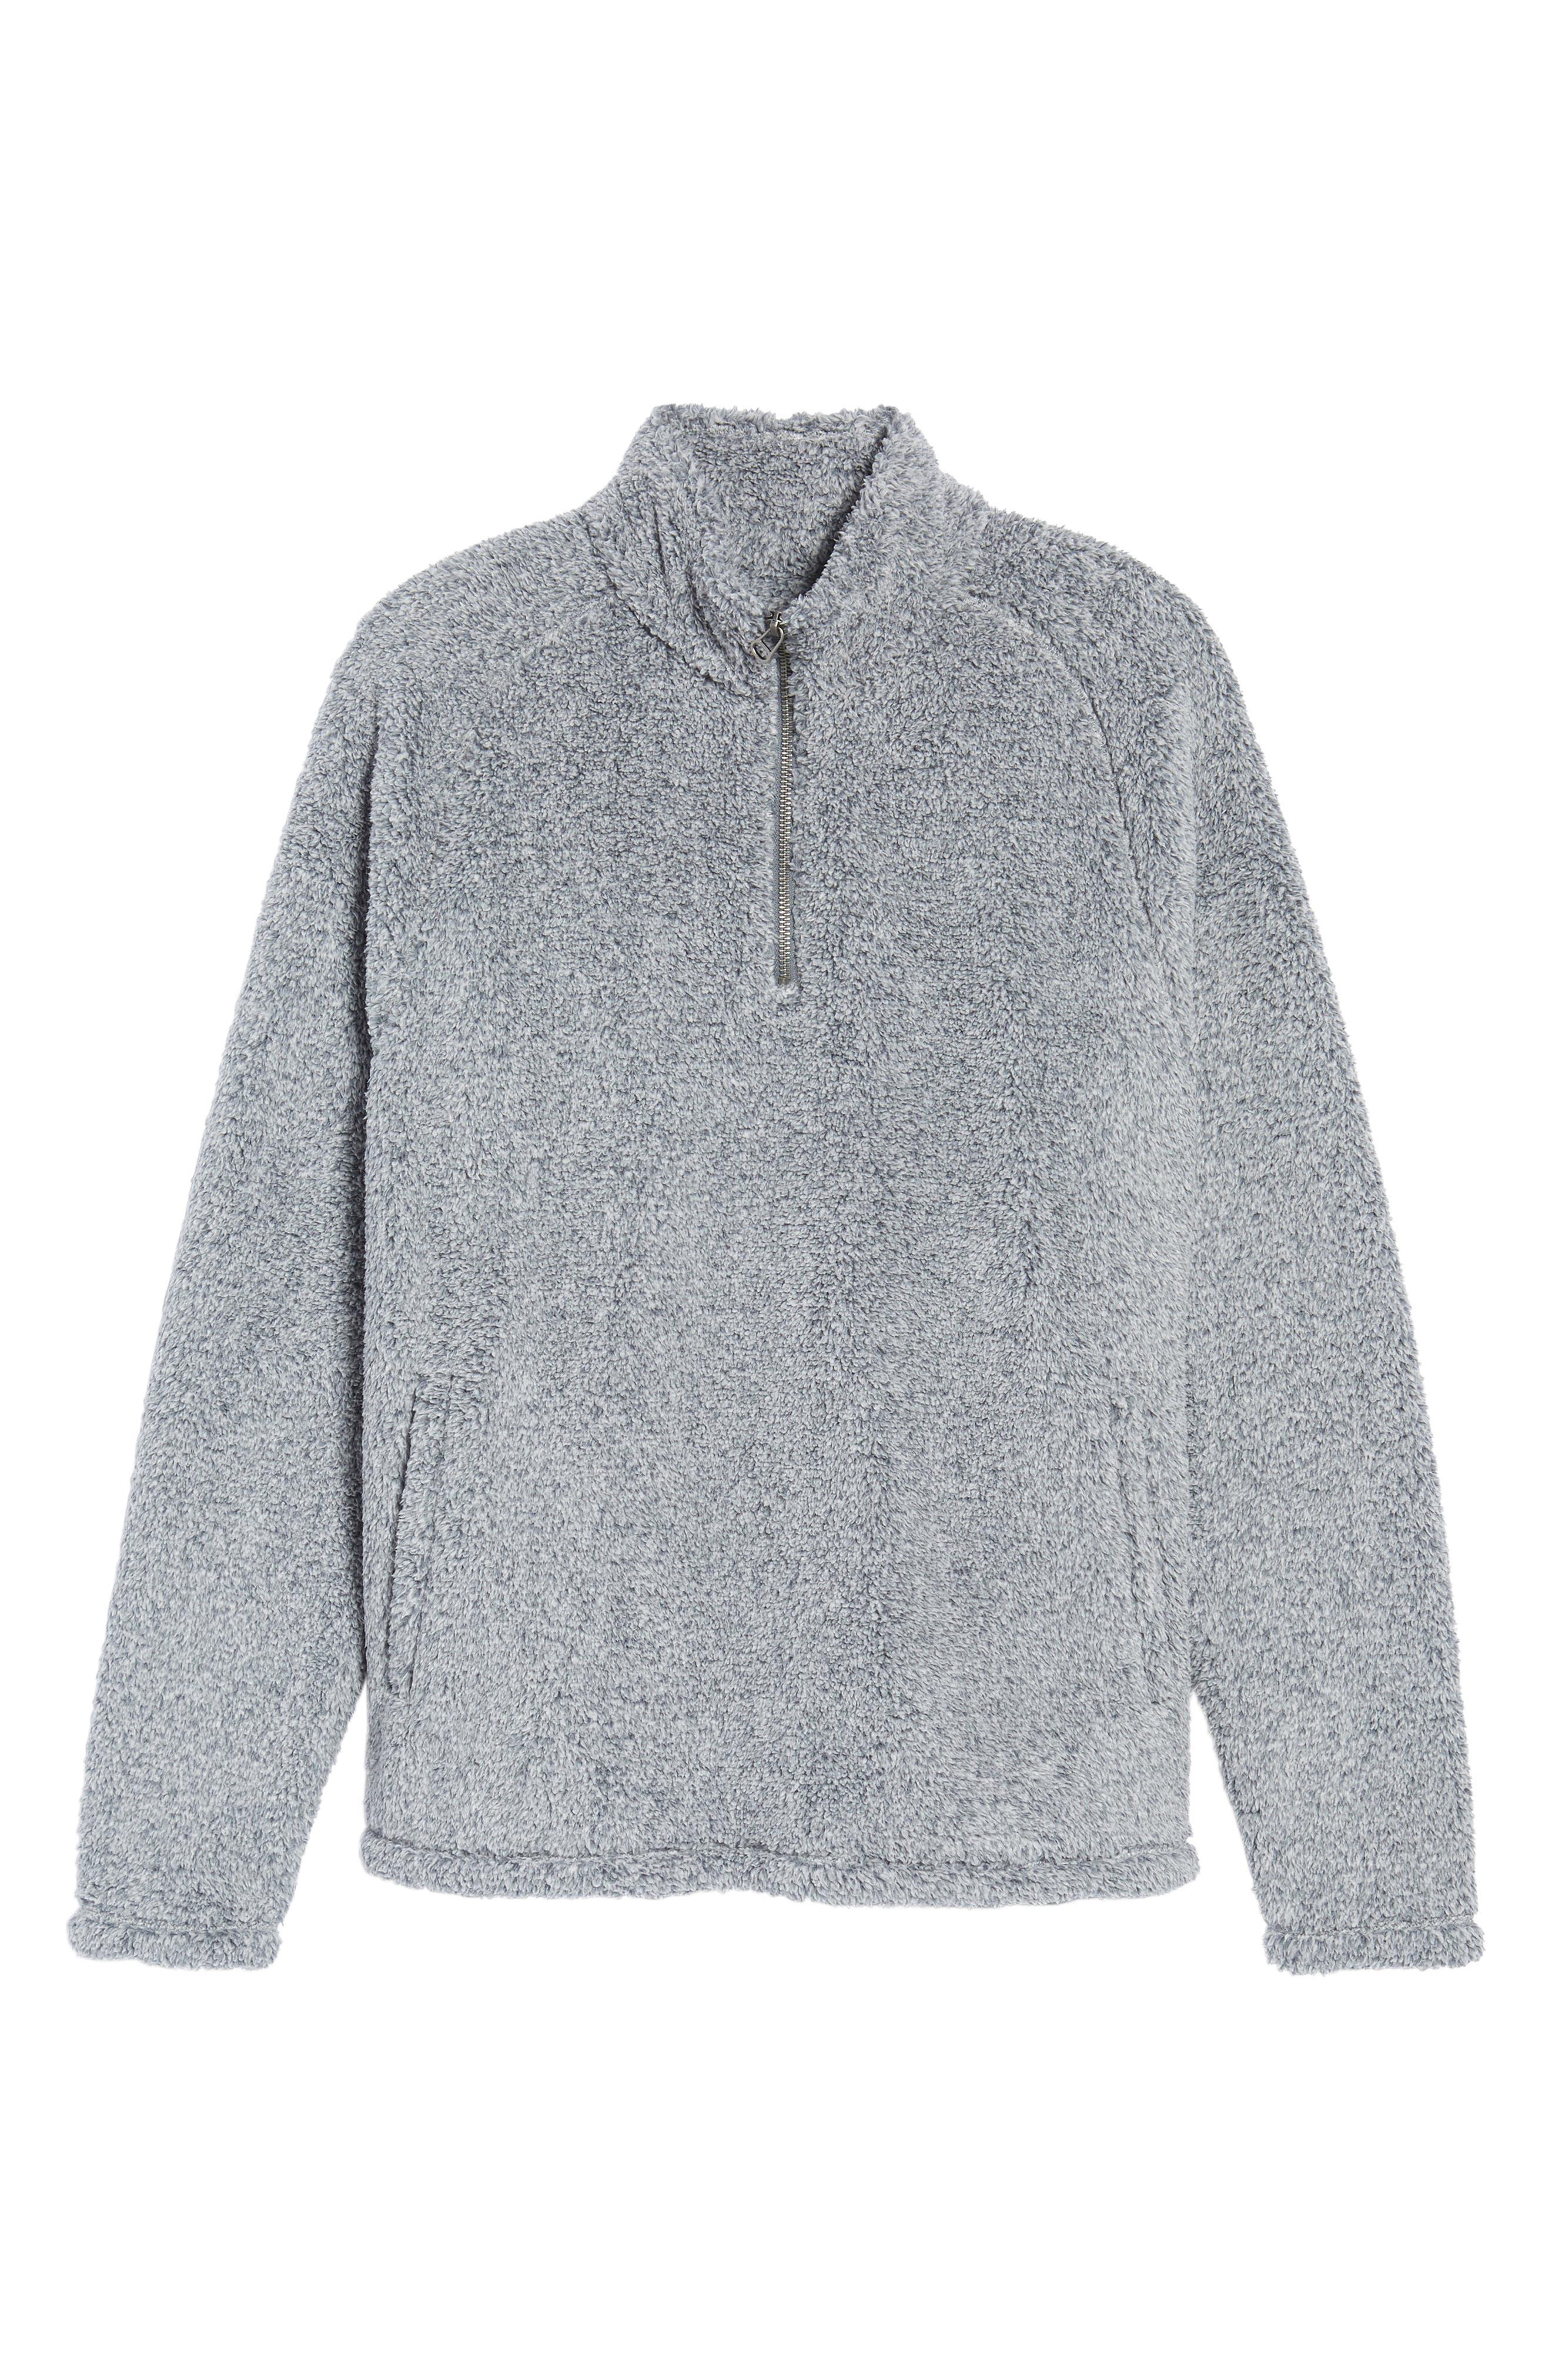 Polar Fleece Quarter Zip Pullover,                             Alternate thumbnail 6, color,                             001